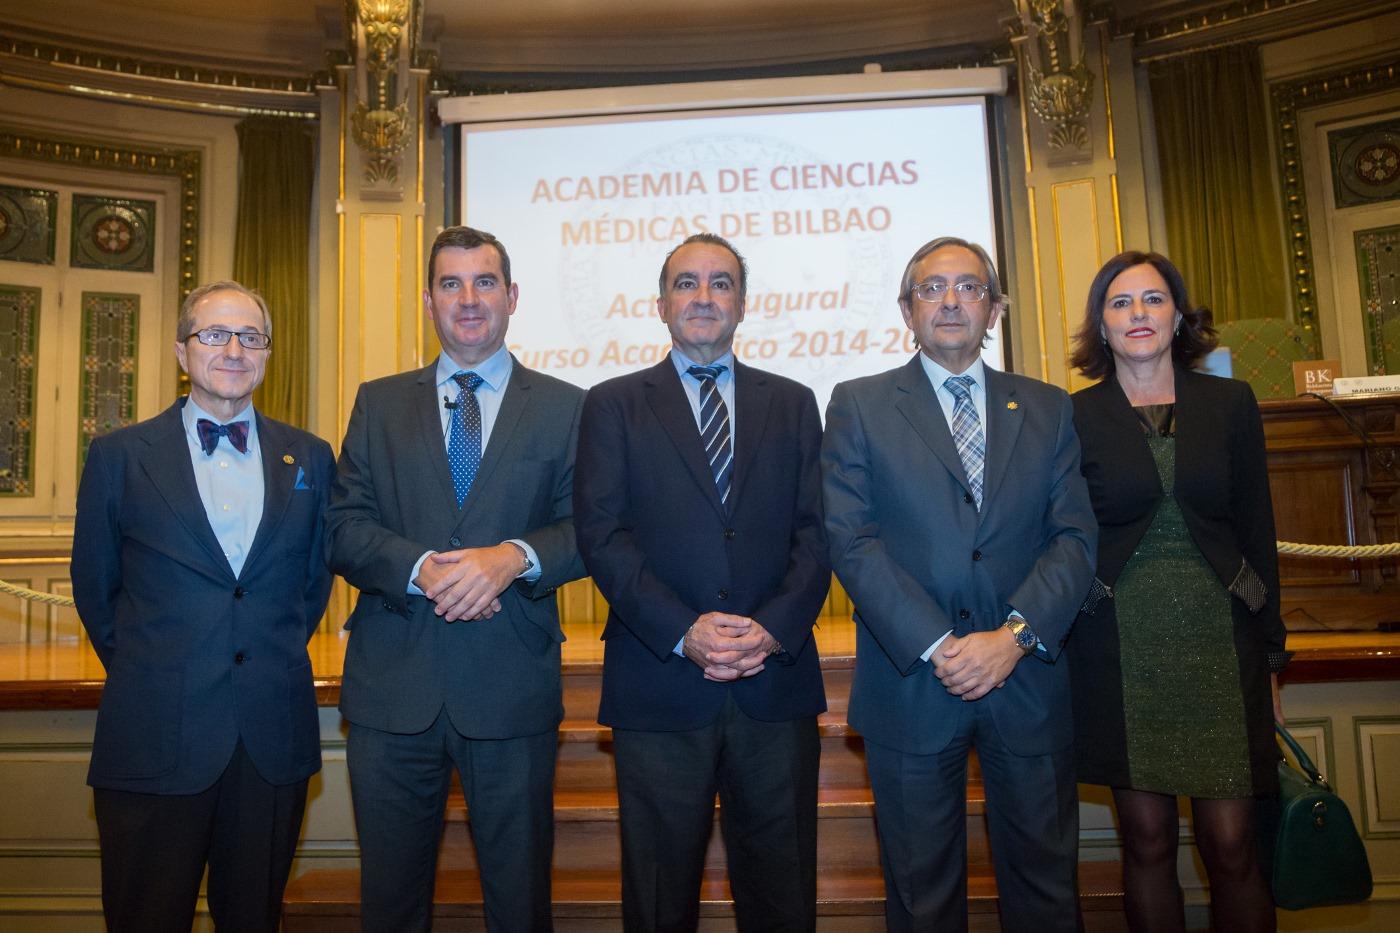 Inauguración Curso Académico 2014-2015